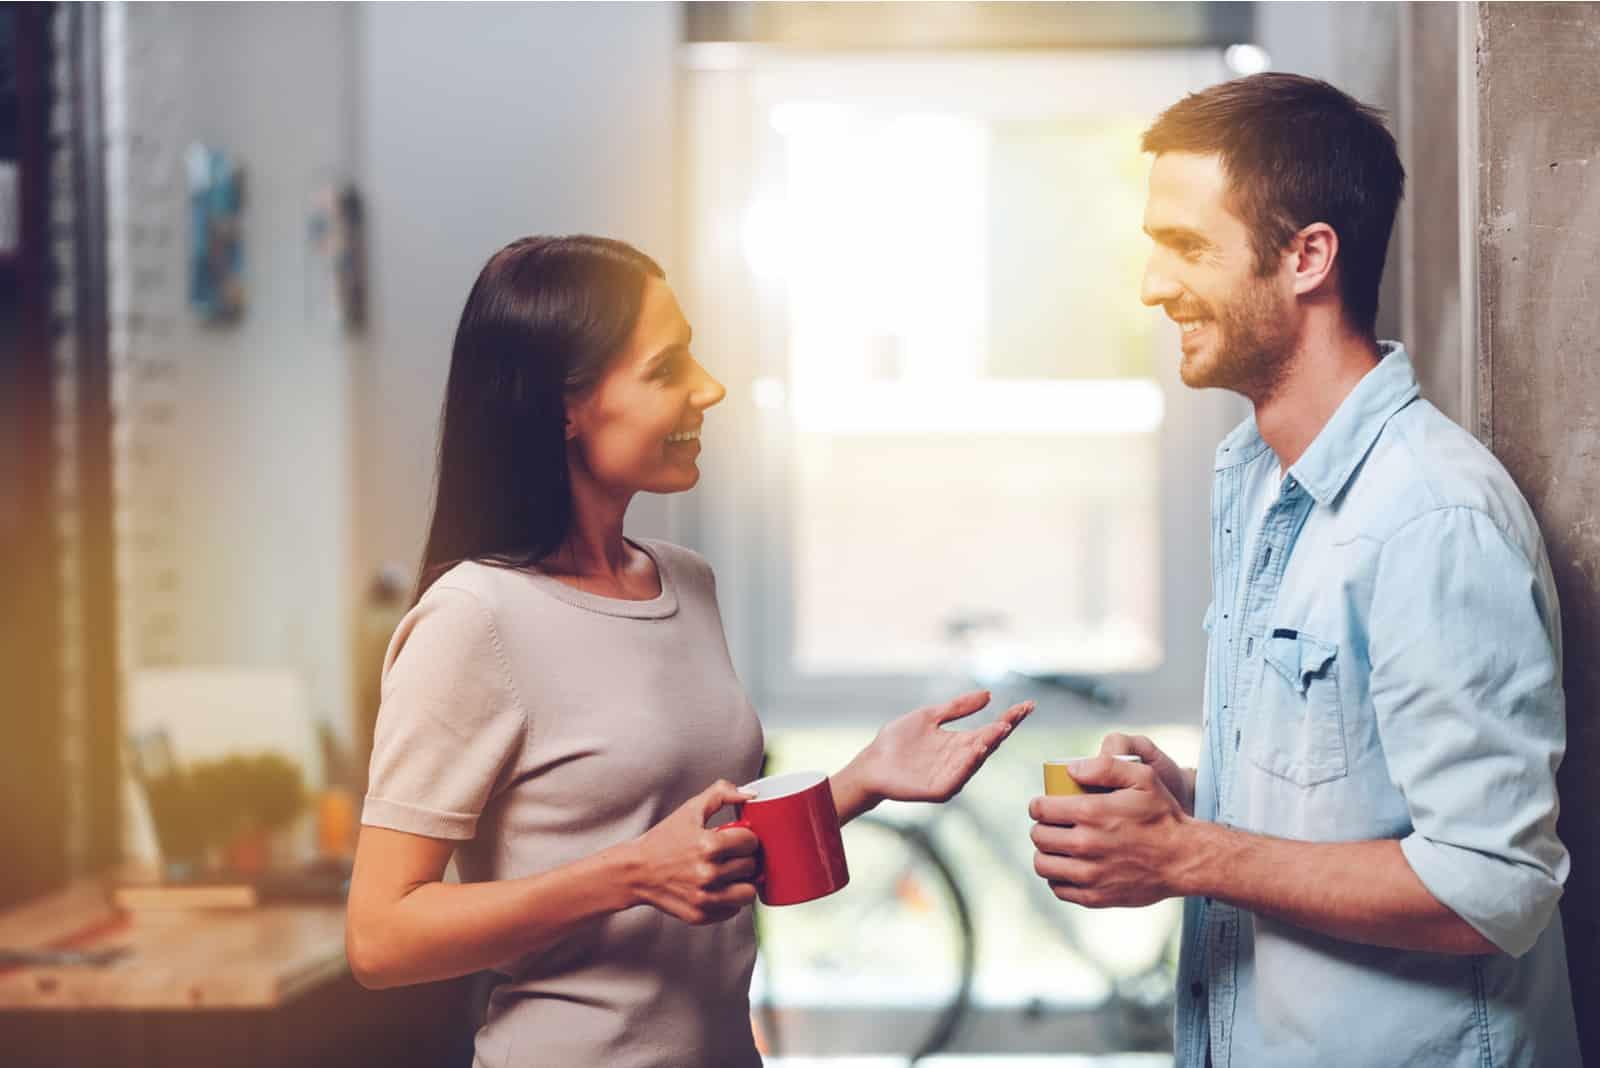 un homme et une femme debout tenant des tasses de café et parlant